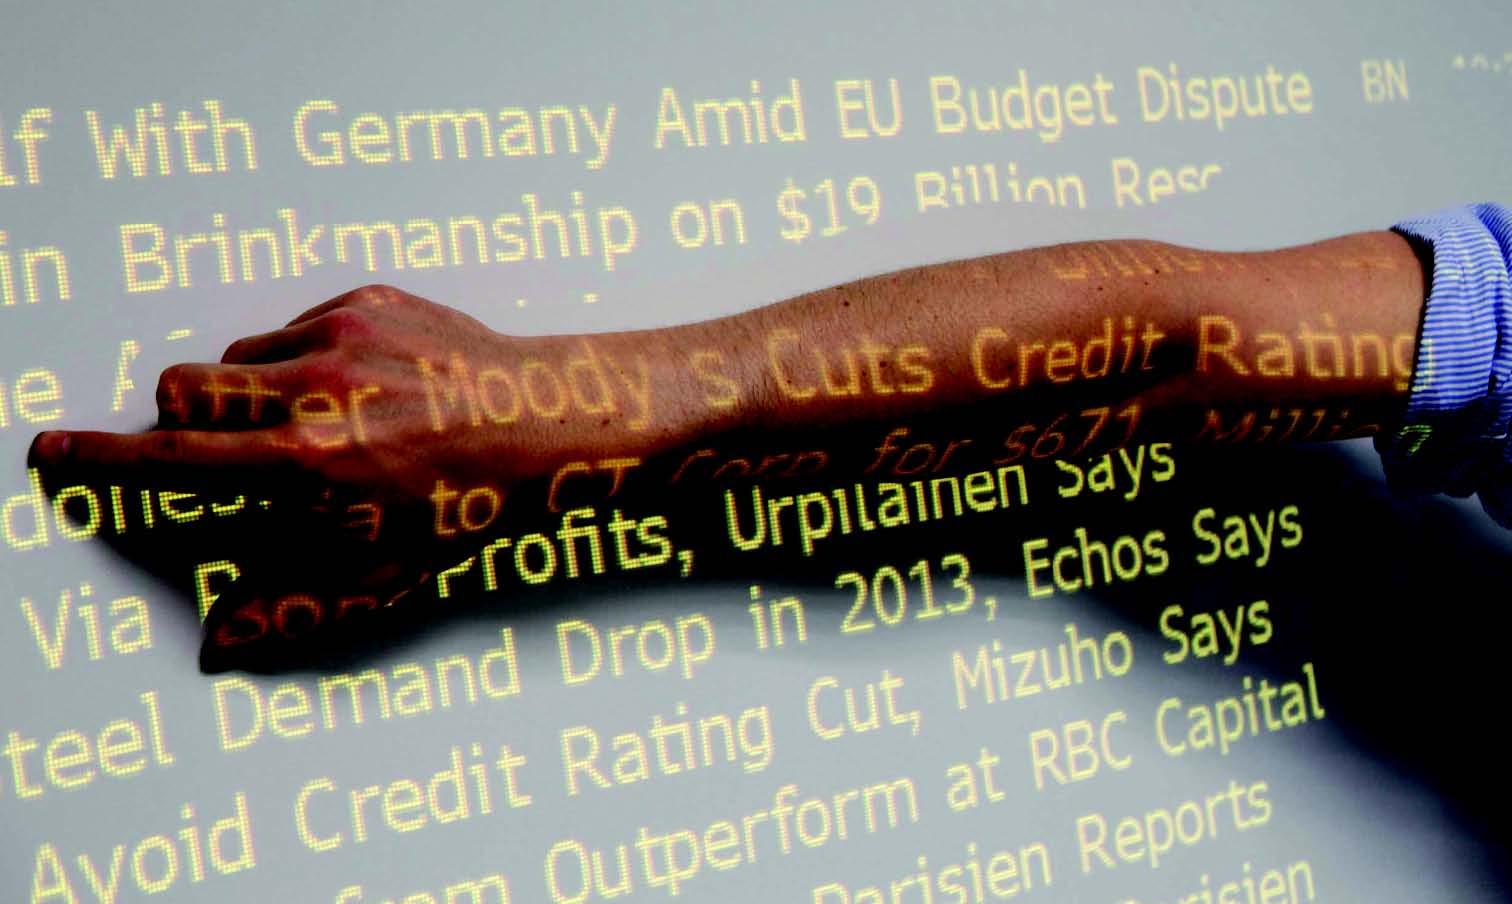 Finance solidaire et microcrédit, des secteurs d'avenir et d'emploi